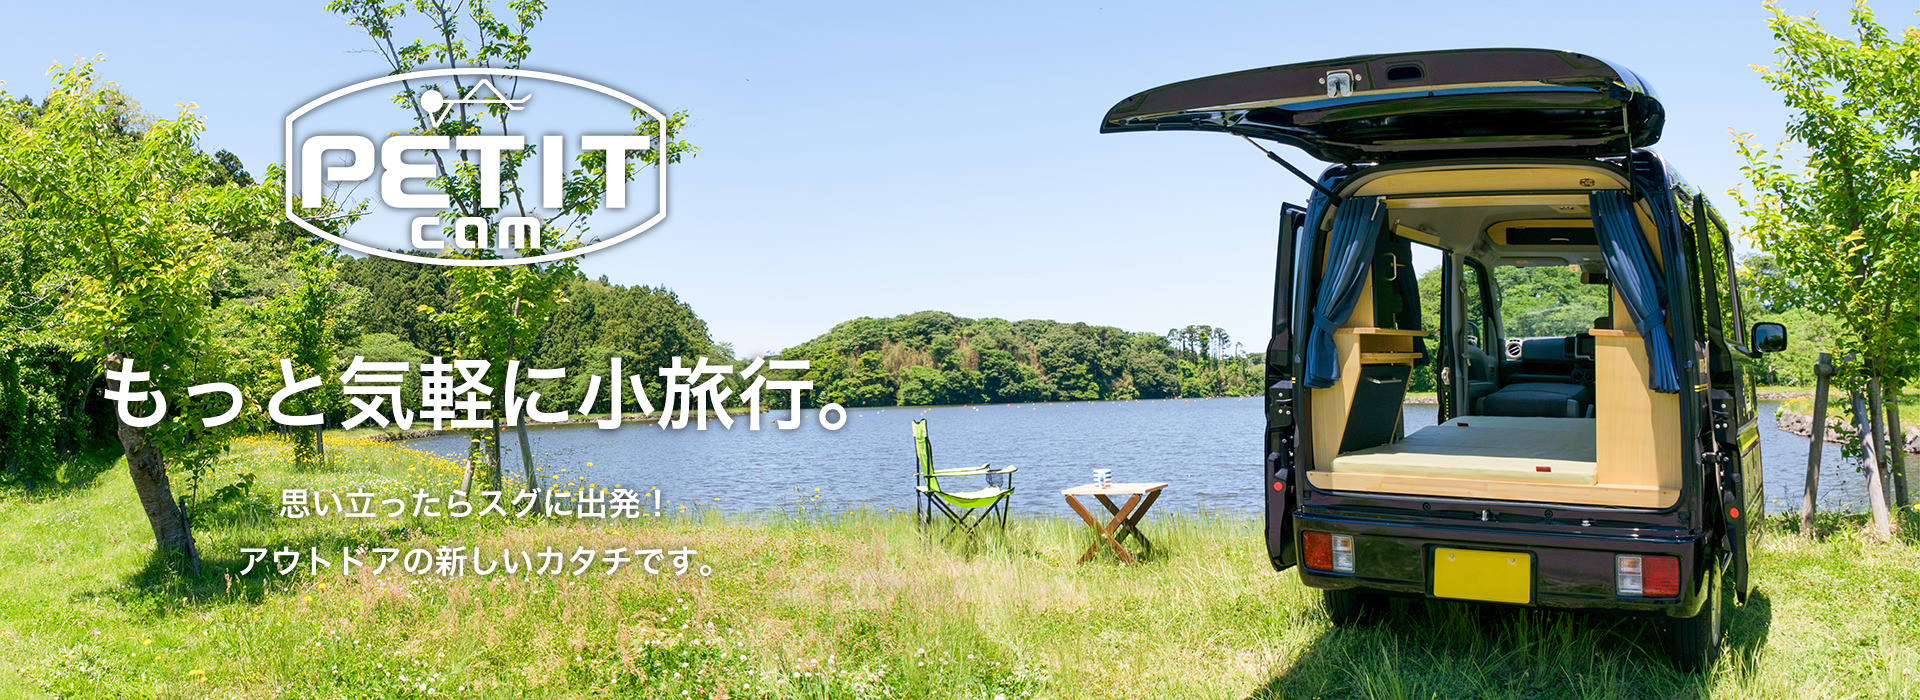 軽キャンピングカー06